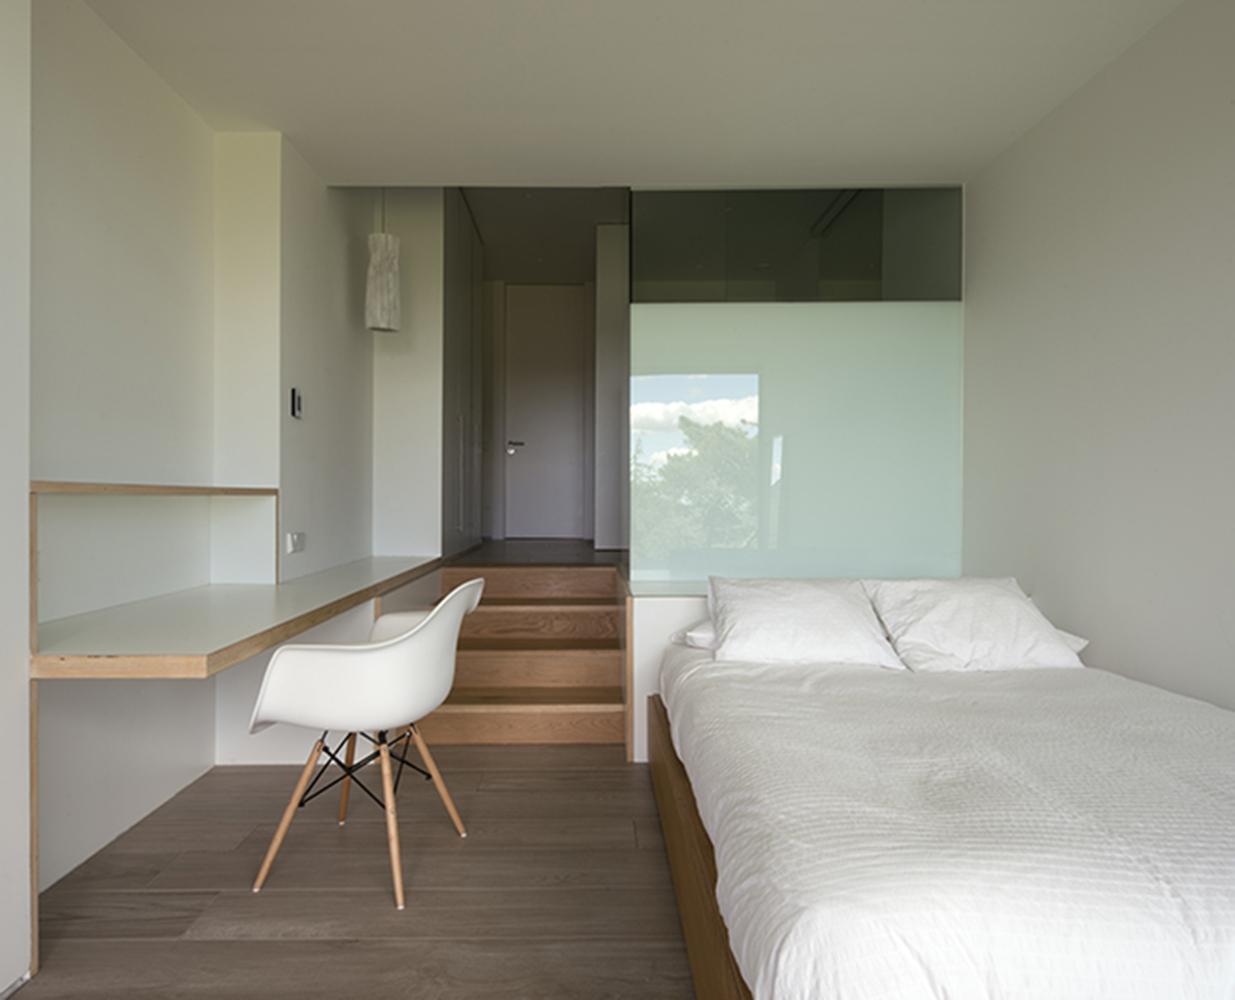 In spagna una favolosa casa con vista dalle montagne di for Case a buon mercato 3 camere da letto